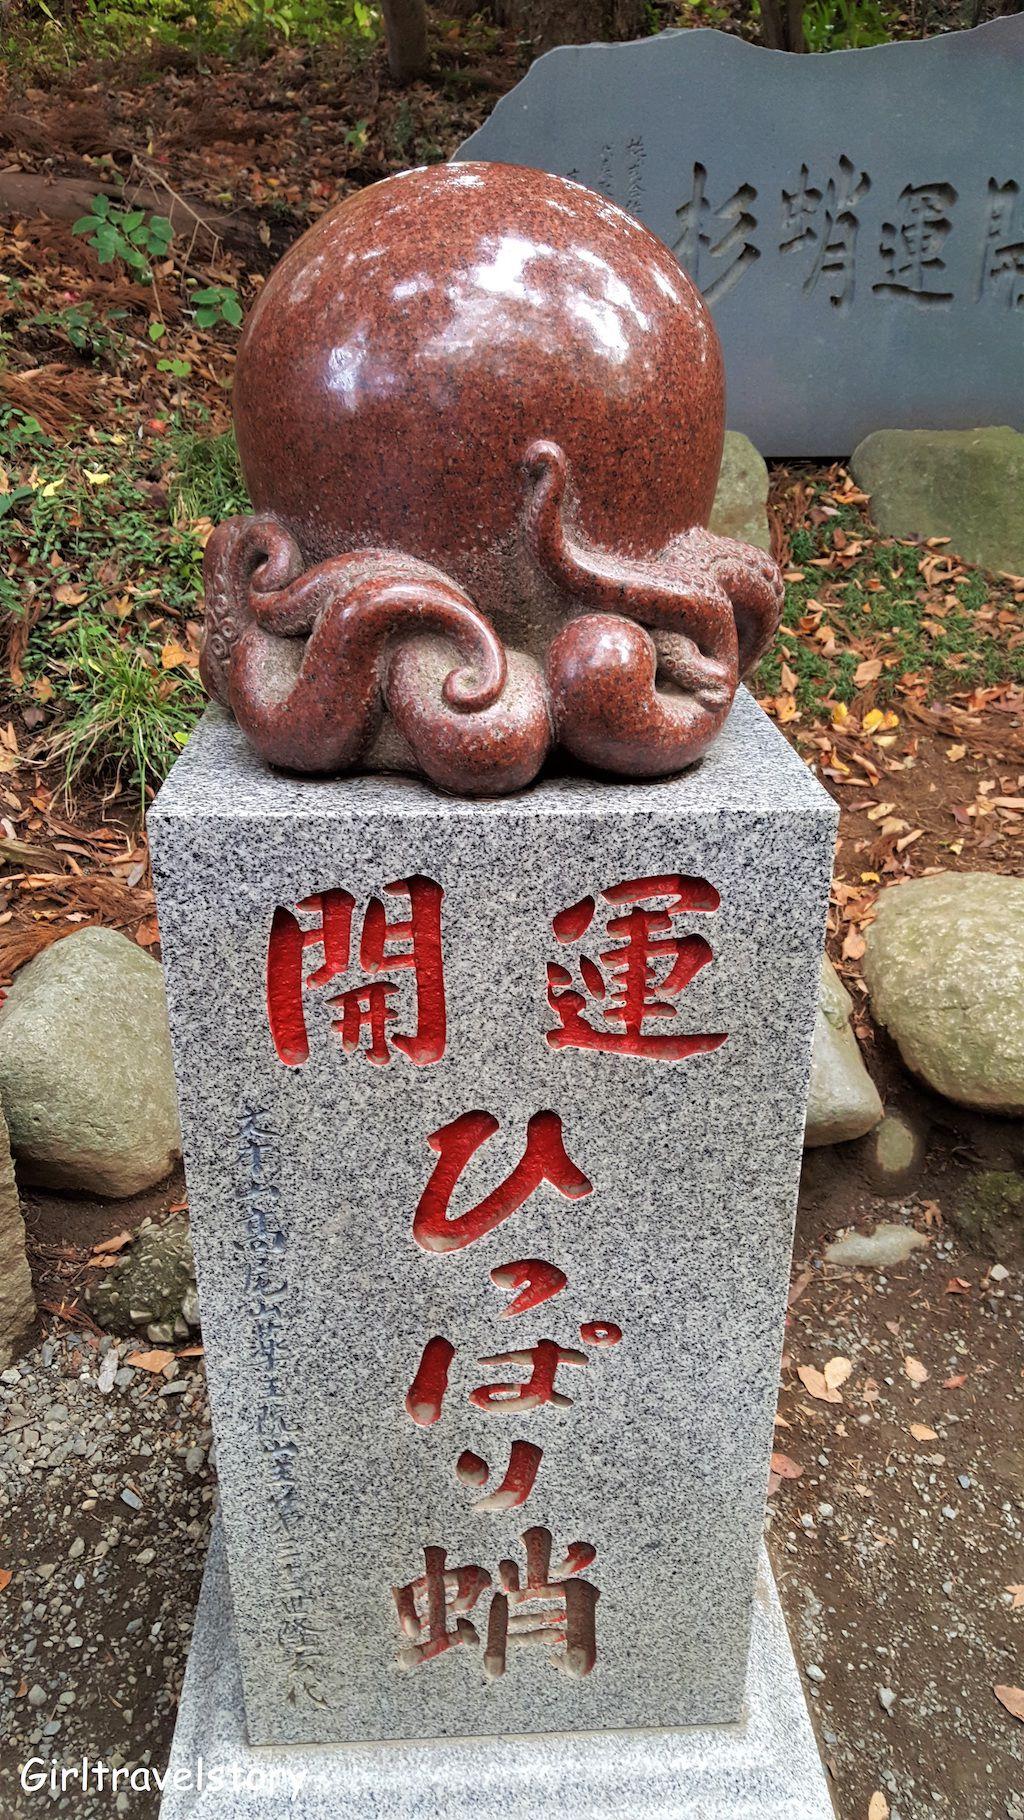 ปลาหมึกนำโชค หรือที่ชาวญี่ปุ่นเรียกว่า ไคอุง ฮิปปาริ ดาโกะ (Kaiun Hippari Dako)